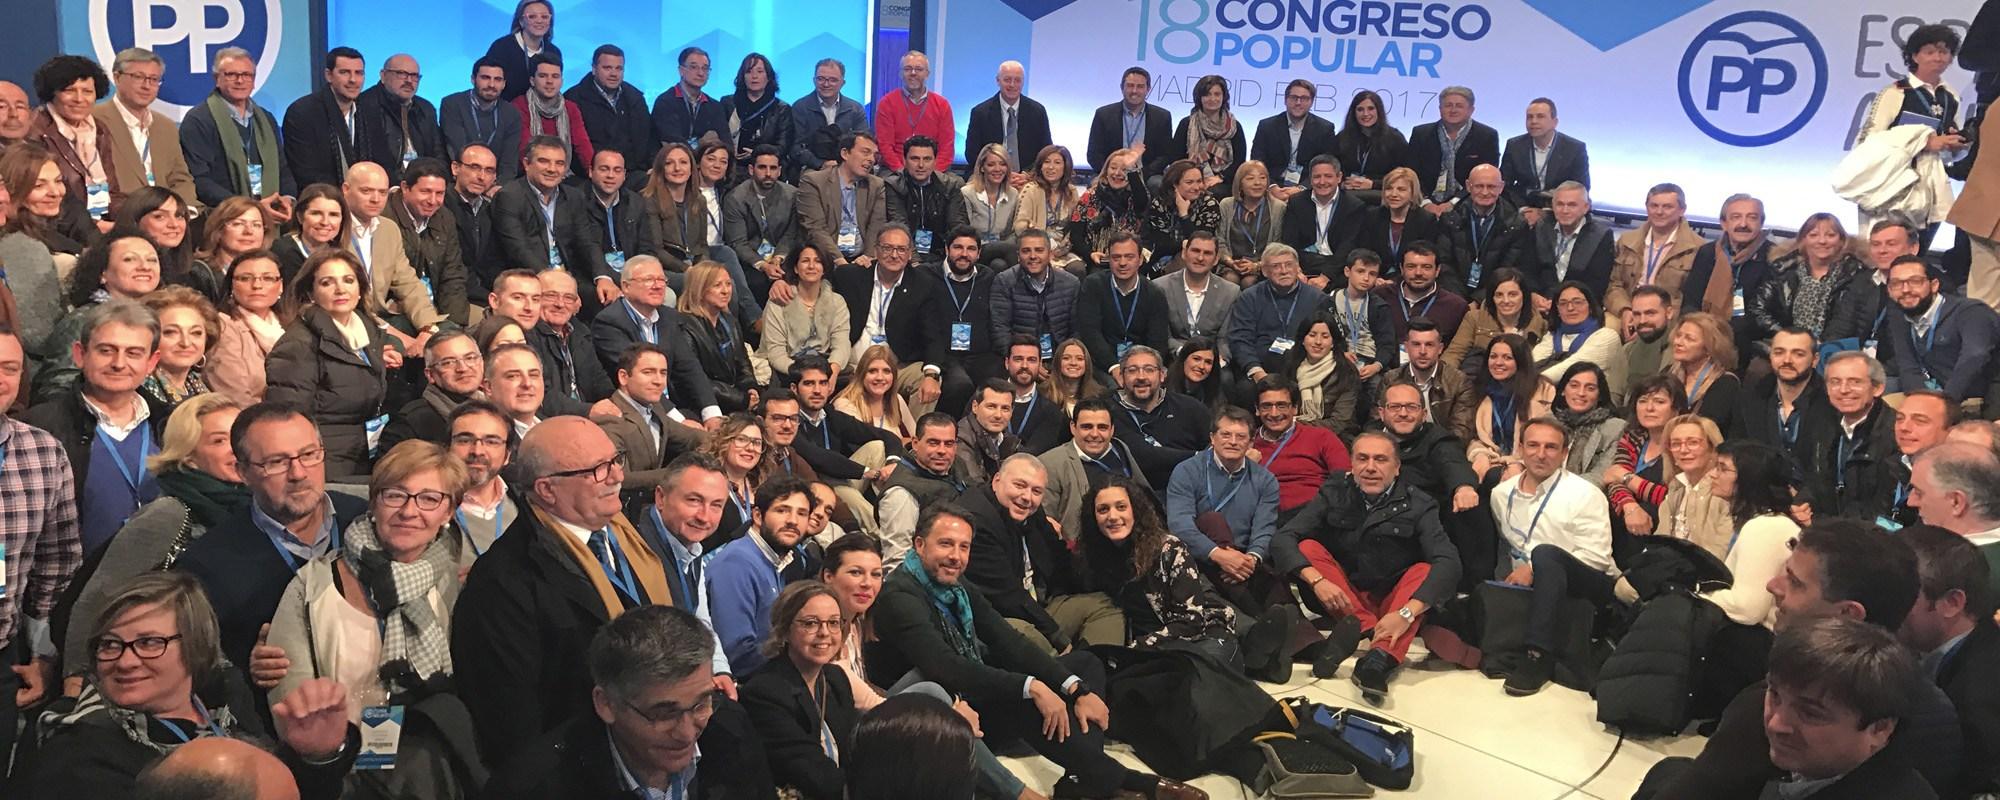 16 Congreso PP Región de Murcia